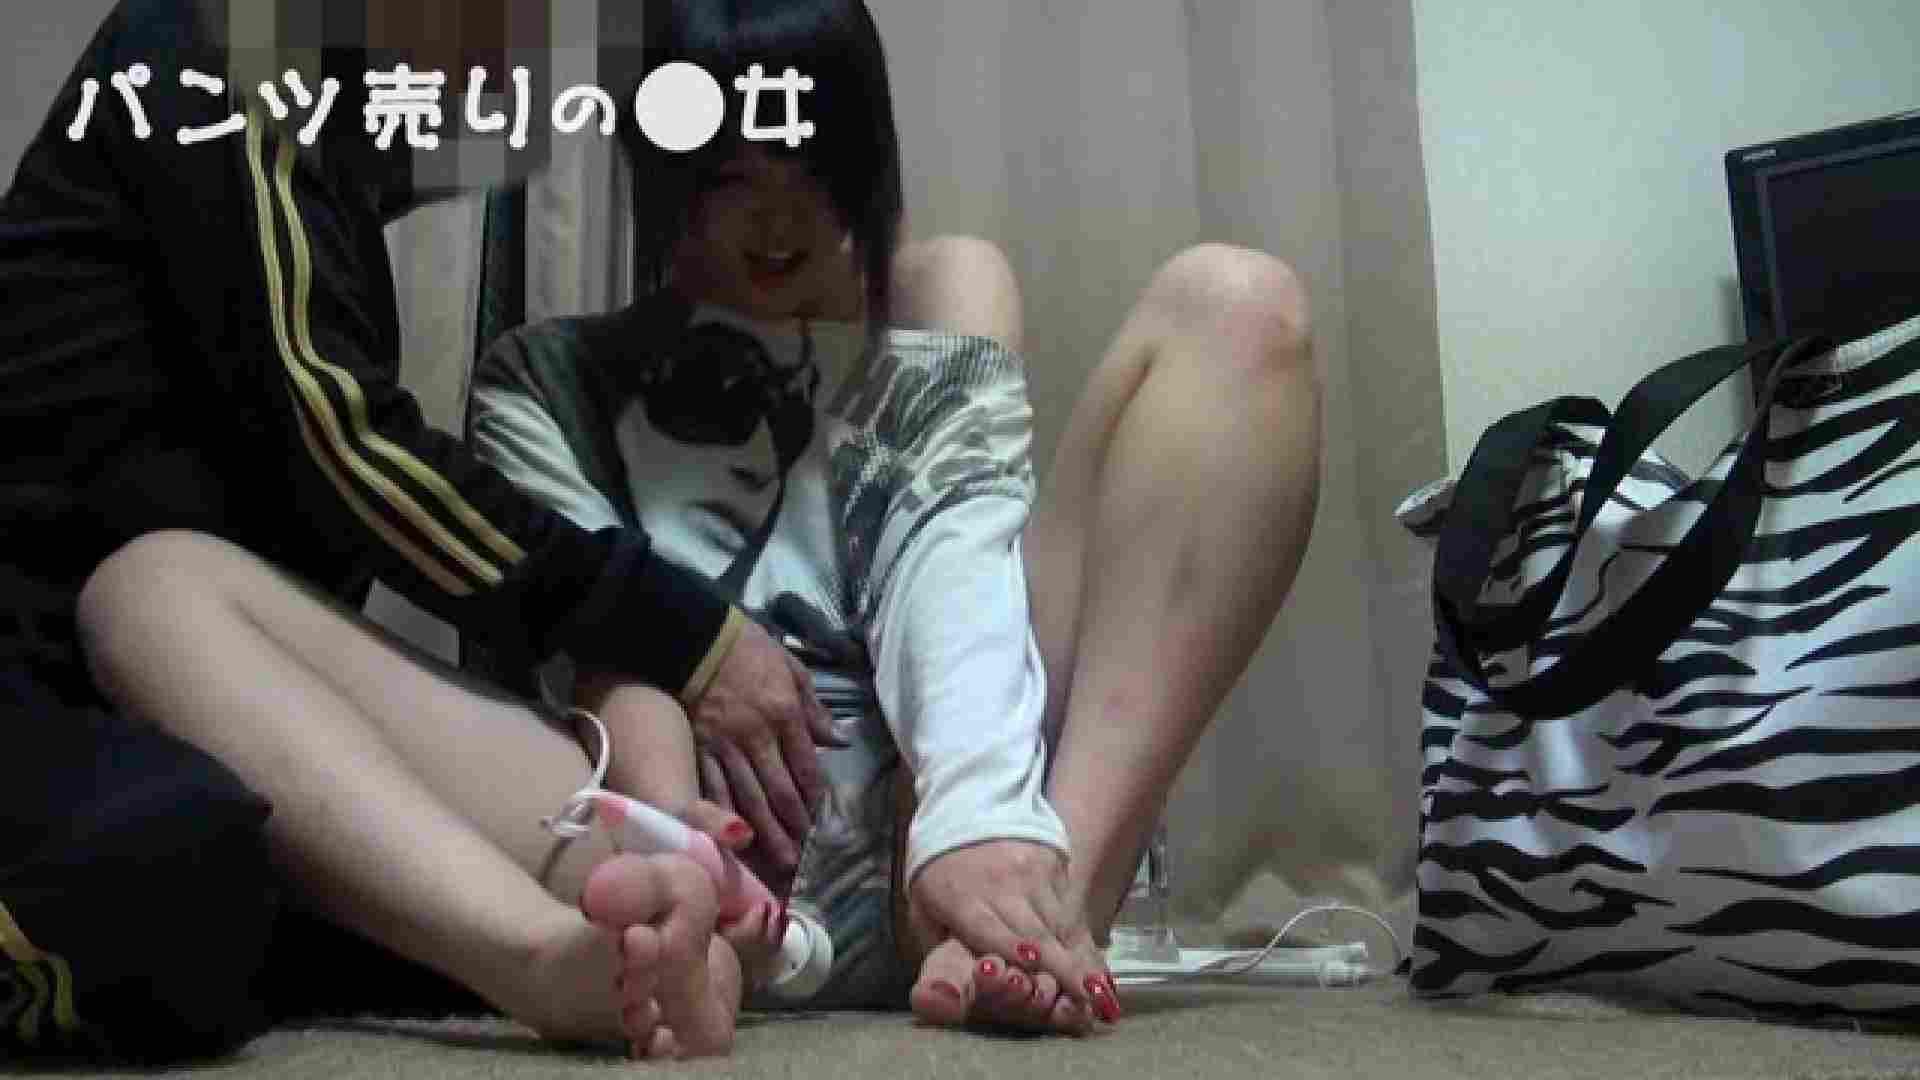 新説 パンツ売りの女の子mizuki02 一般投稿  76pic 28